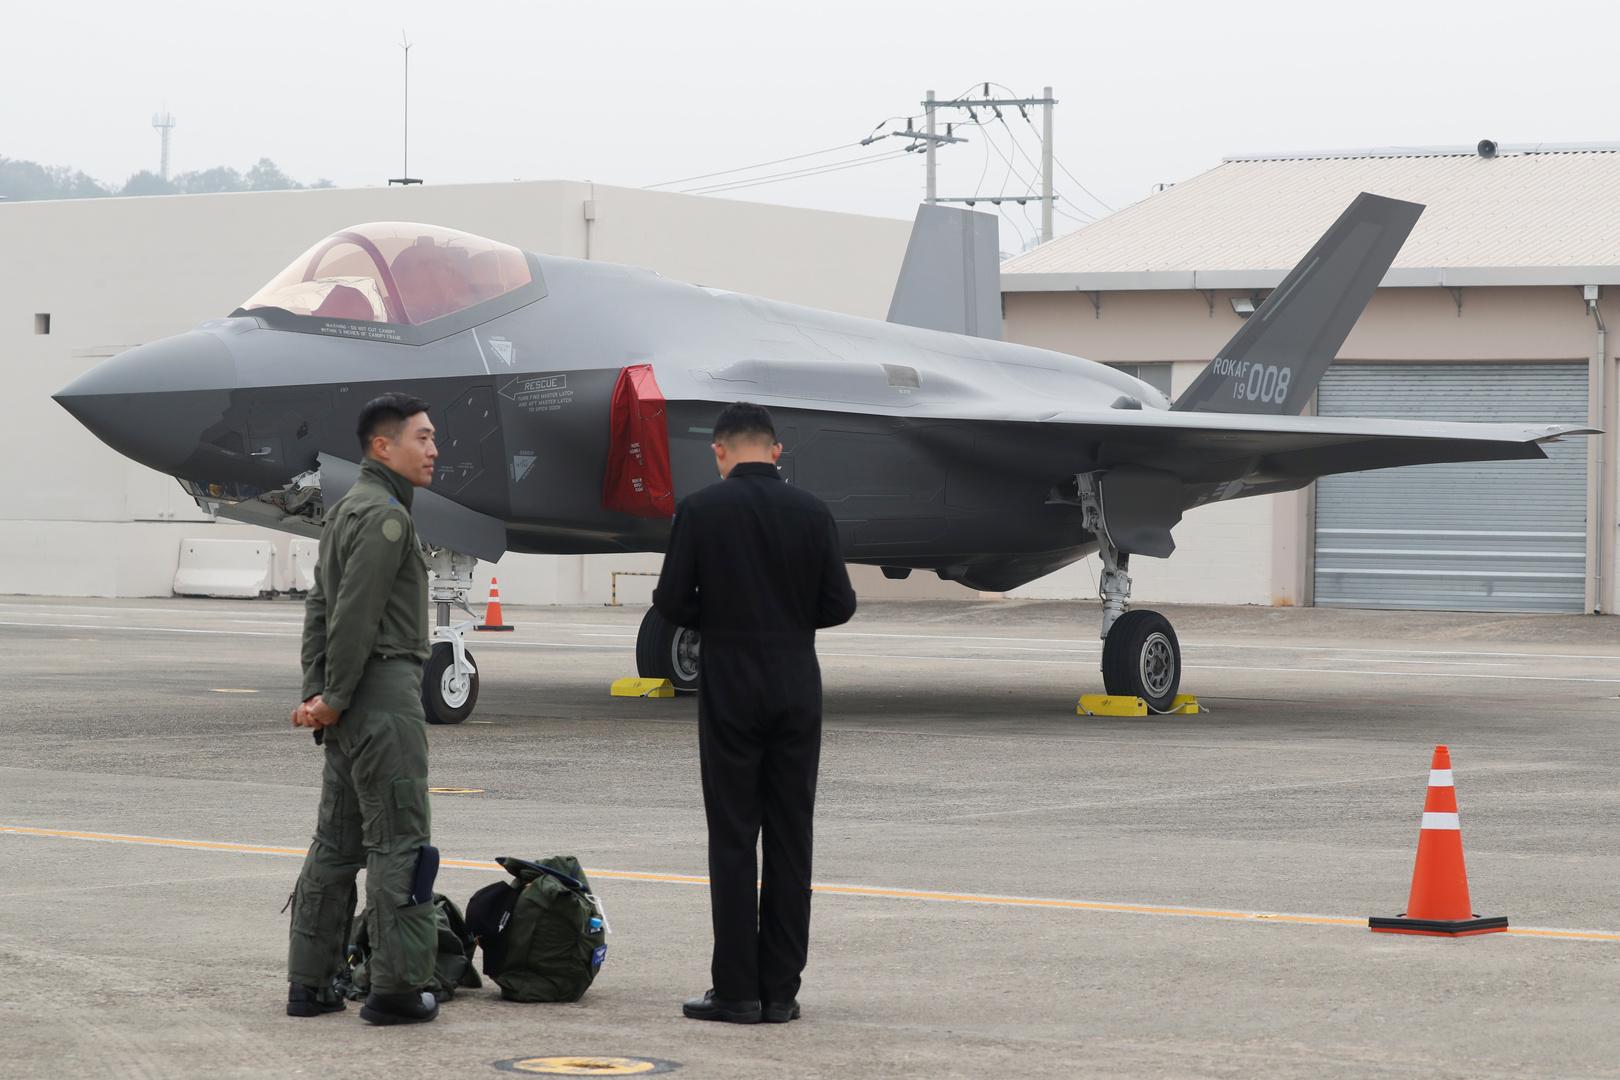 مشروع قانون أمريكي يفرض قيودا على بيع مقاتلات